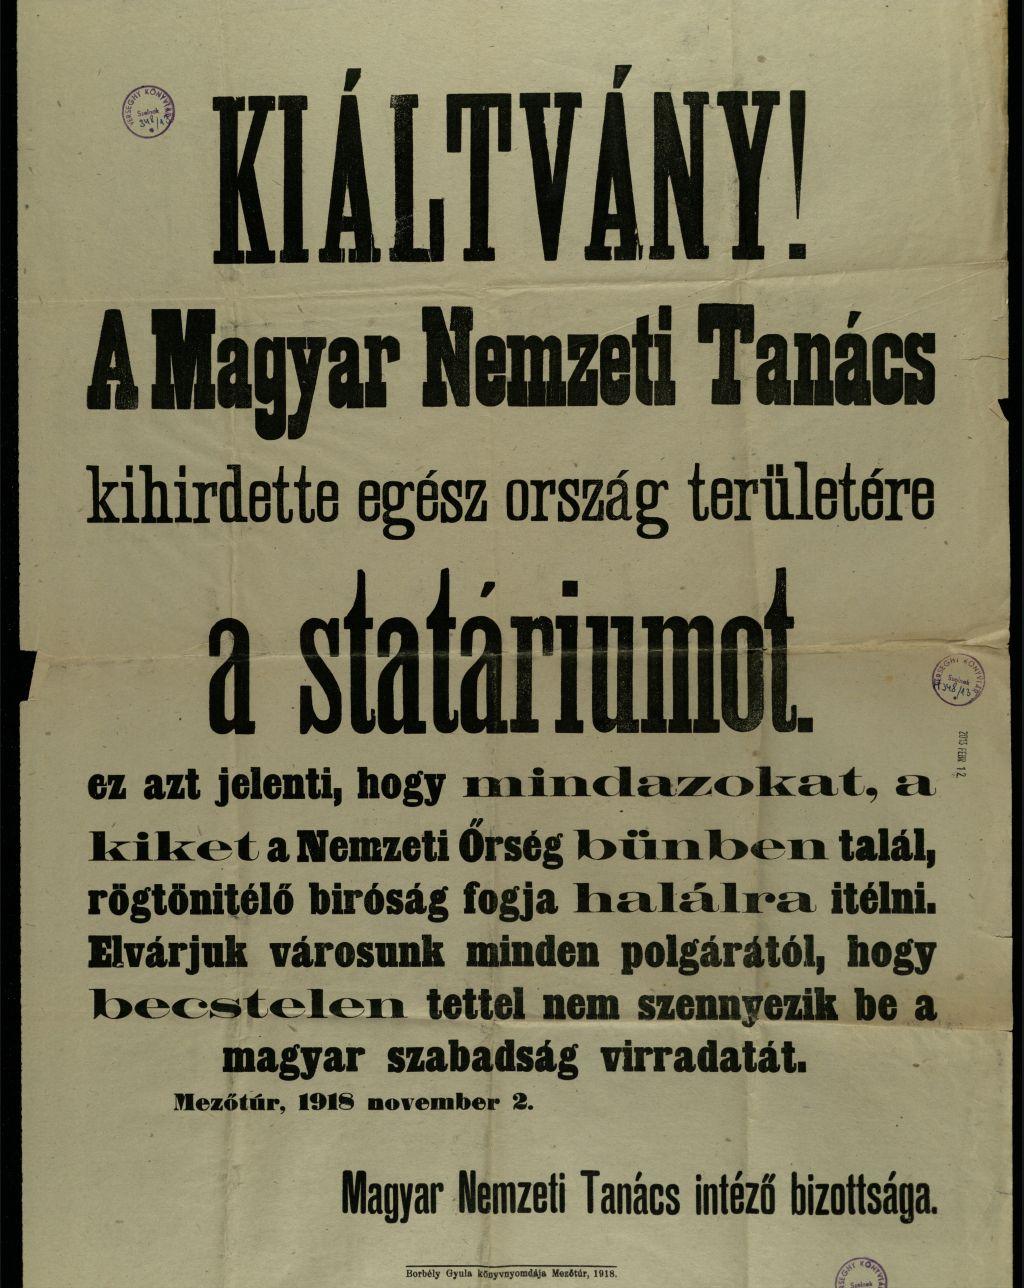 Magyar Nemzeti Tanács statáriumot hirdetett ki